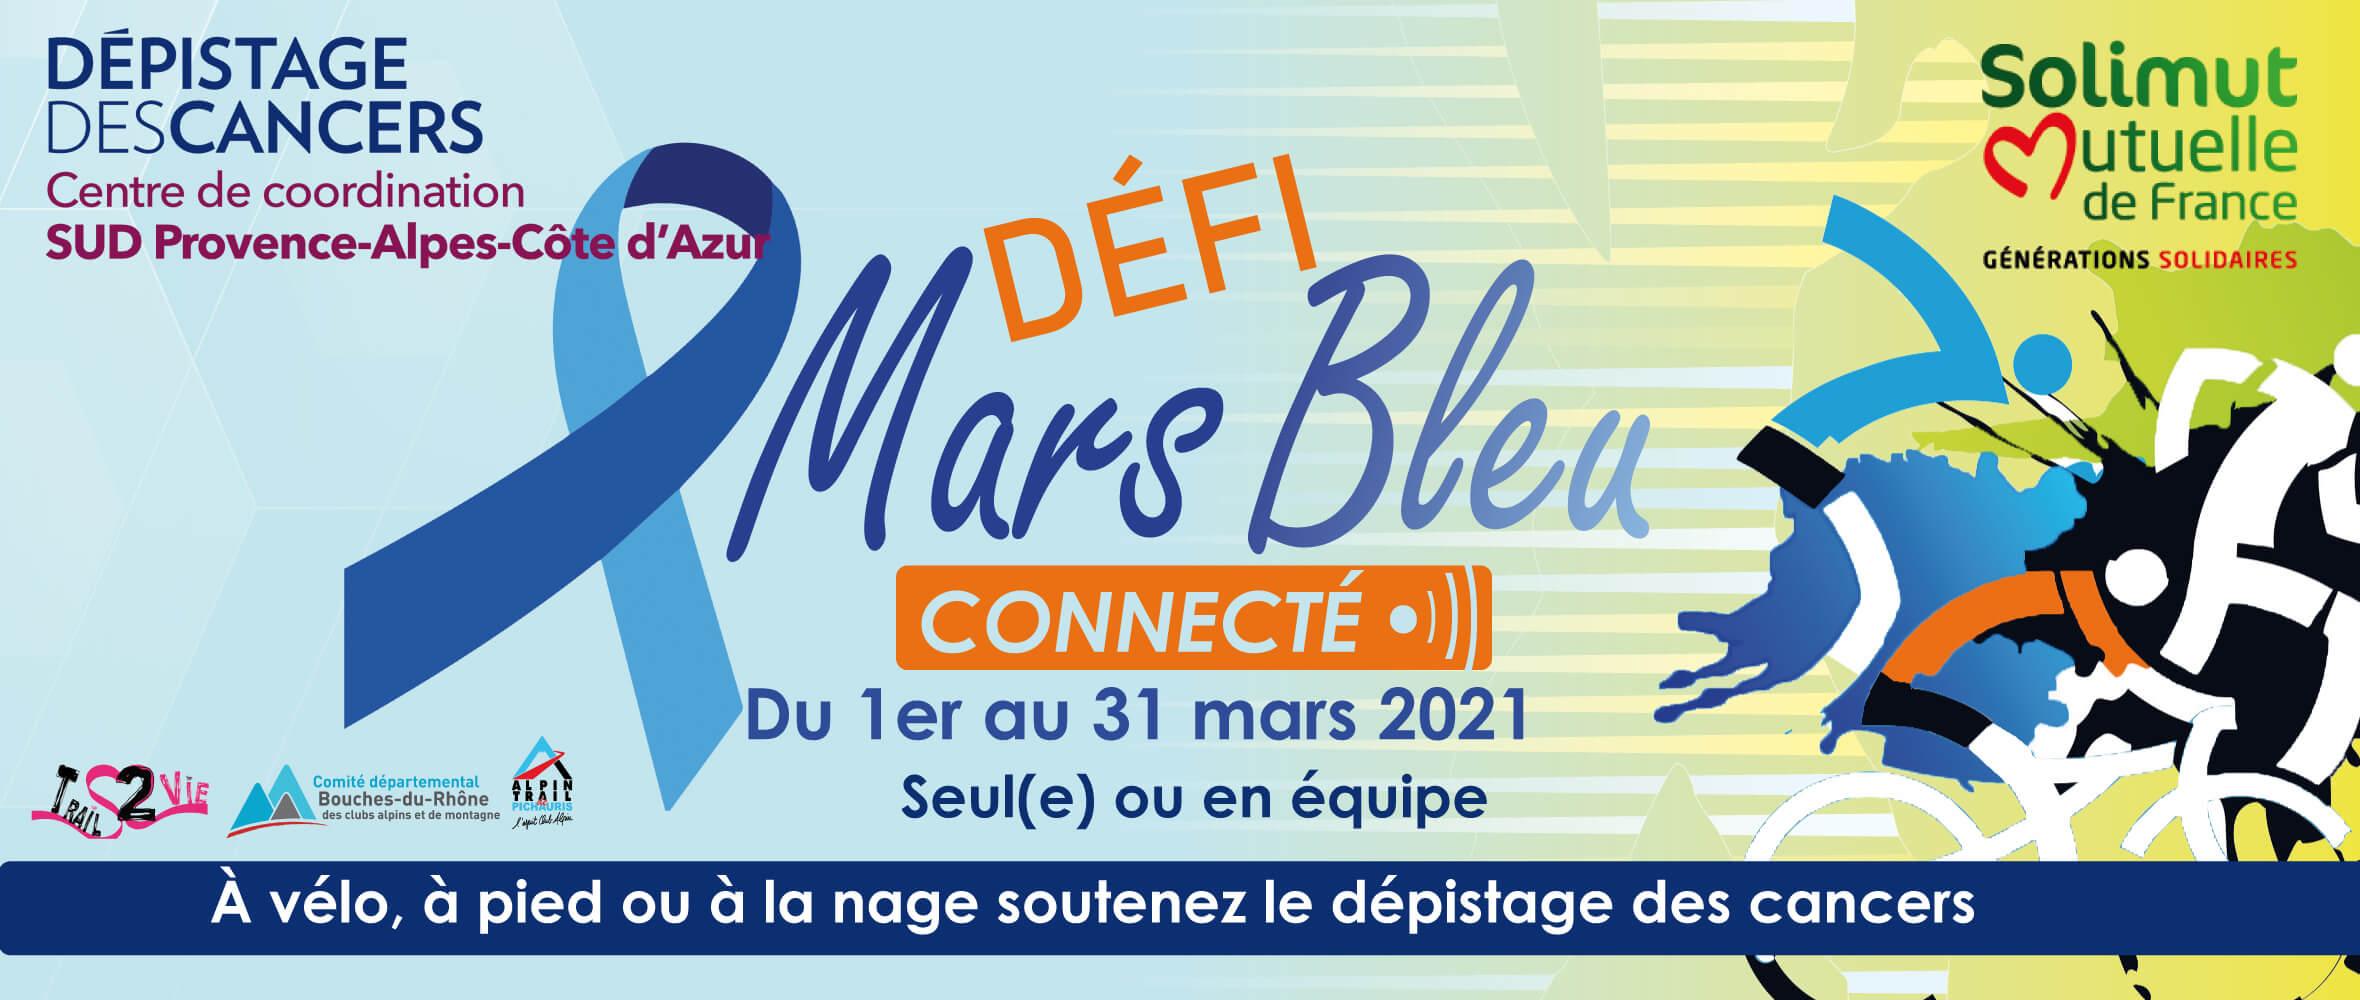 Défi National - MarsBleu Connecté - Tous pour le déistage du cancer colorectal